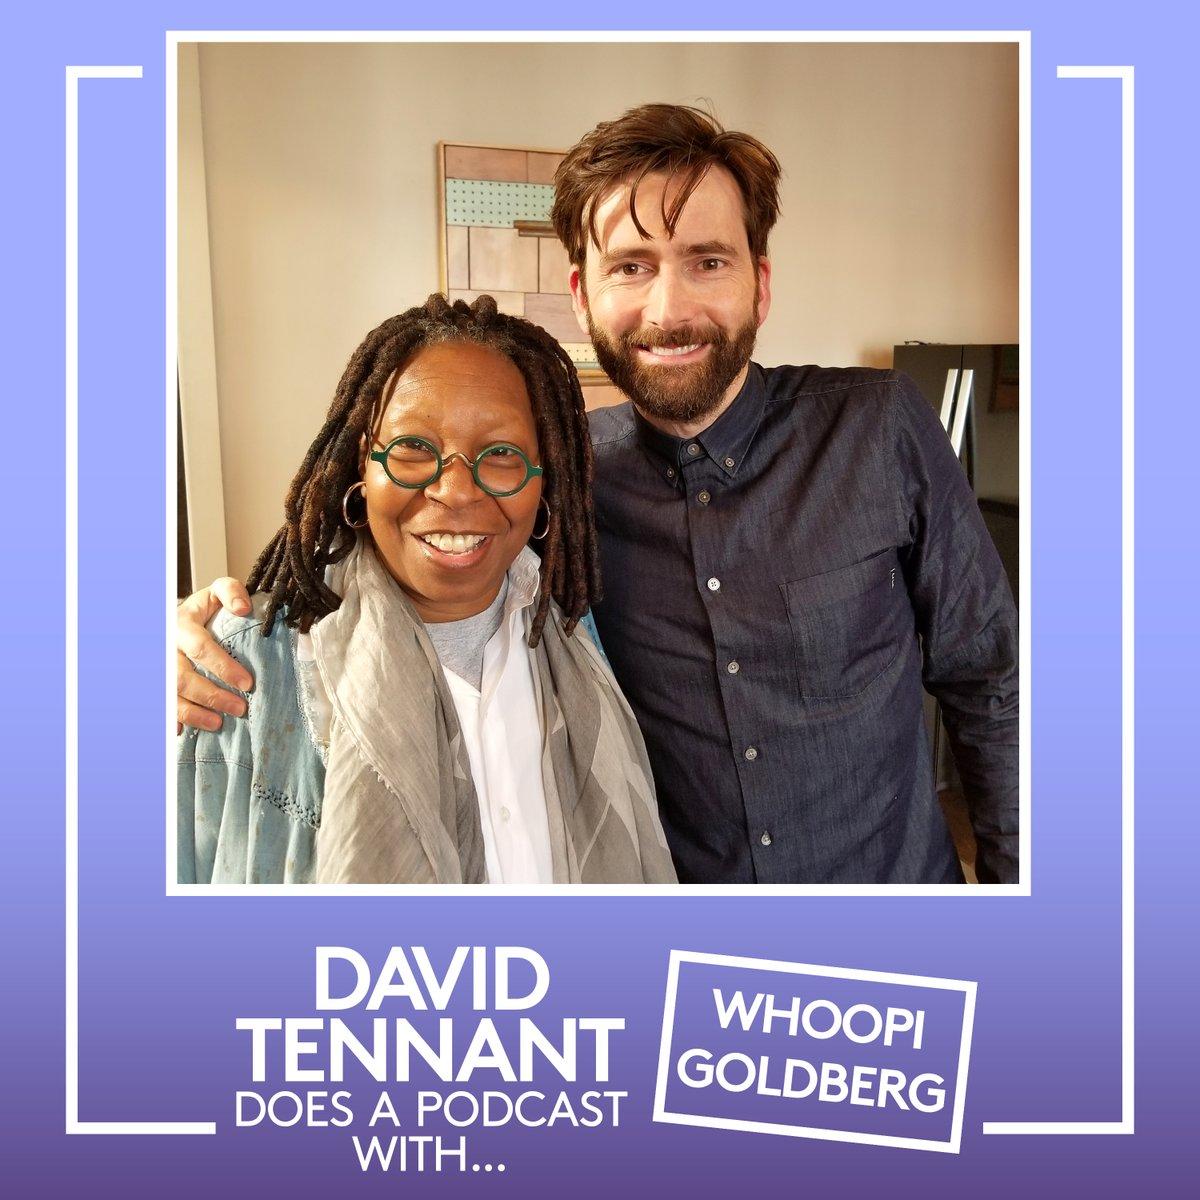 David Tennant with Whoopi Goldberg